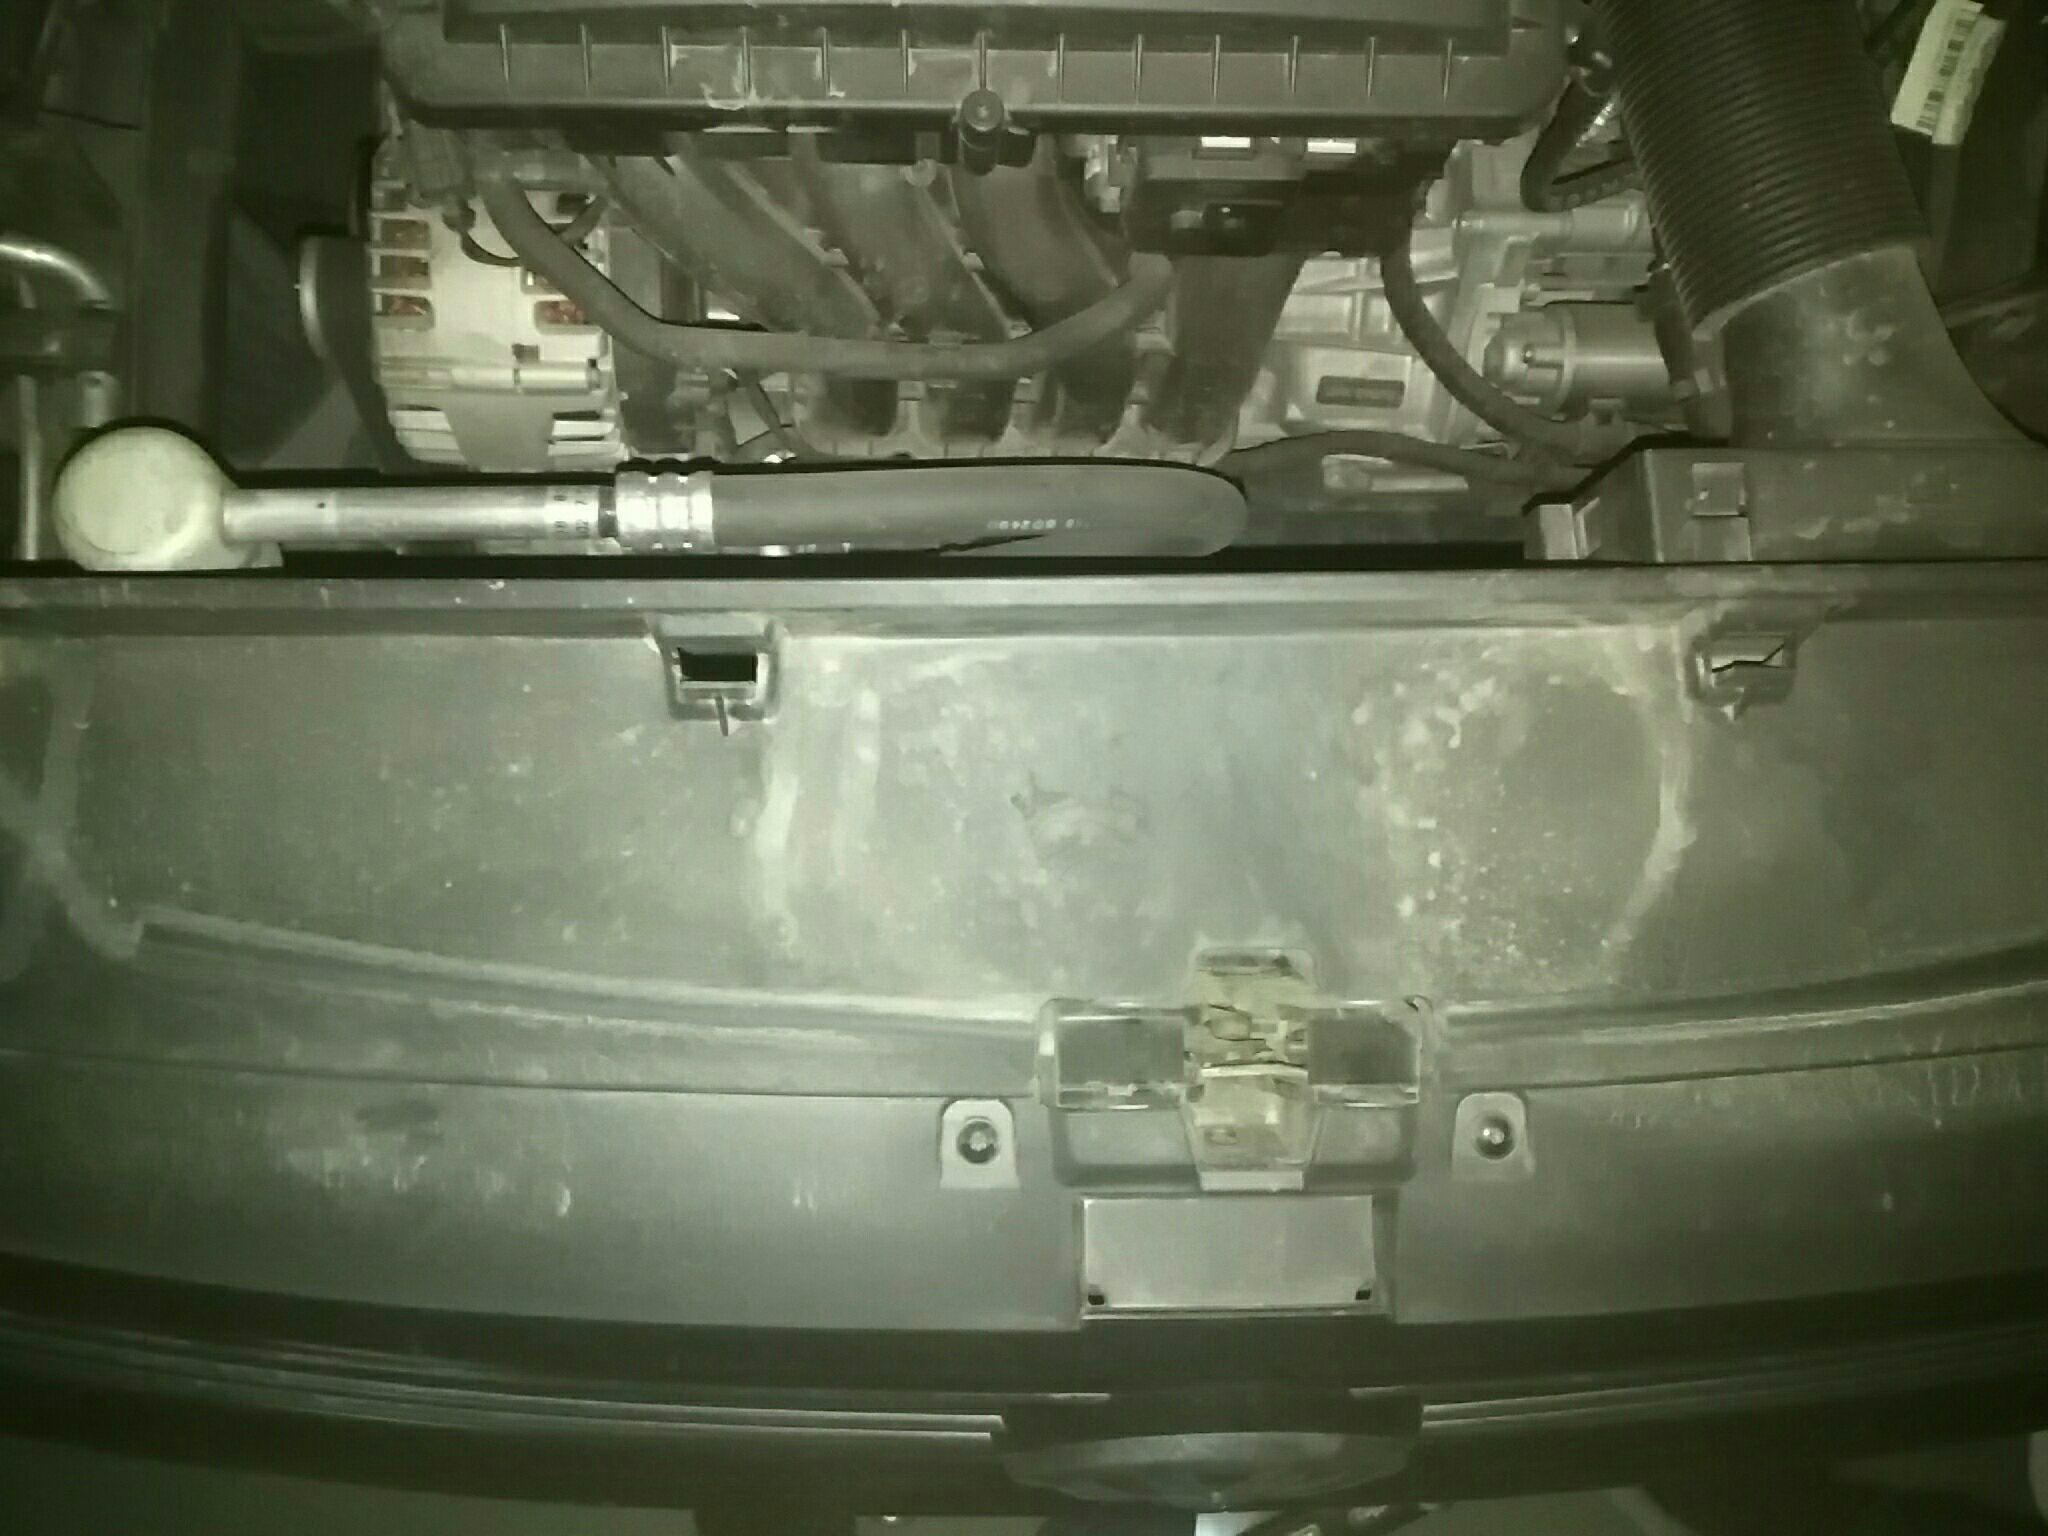 宁波二手大众朗逸 > 大众朗逸 2017  车头轻微的碰撞会导致水箱框架